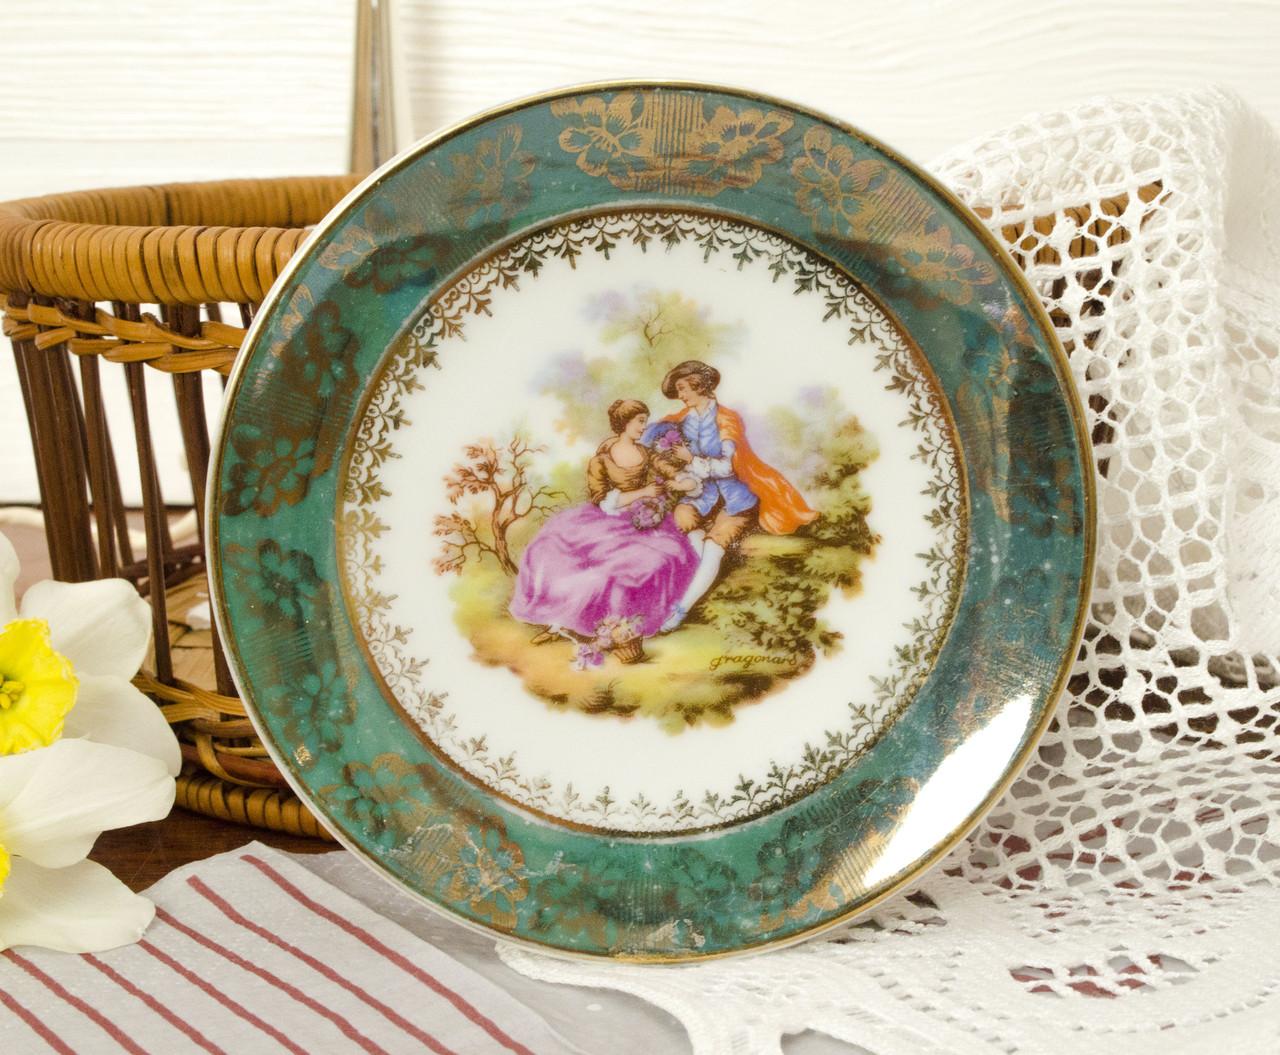 Коллекционная фарфоровая тарелочка с любовной сценой от J.P. Limonges, Франция